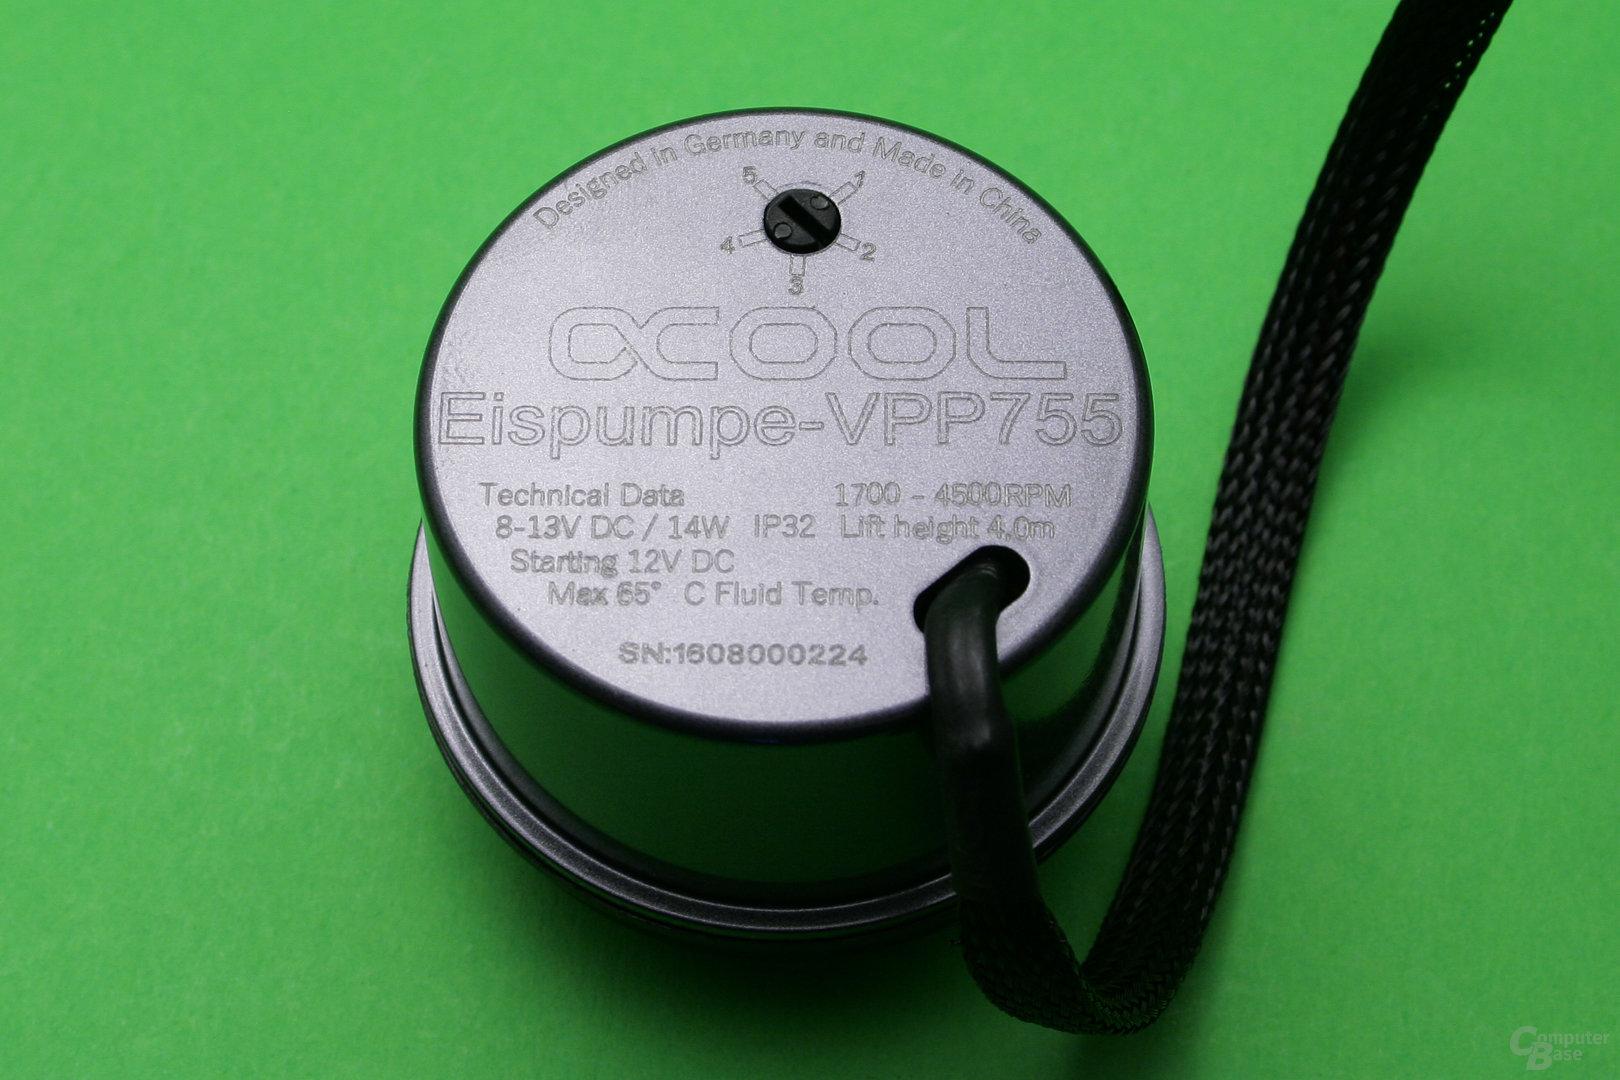 Alphacool VPP755: Pumpengehäuse aus Metall